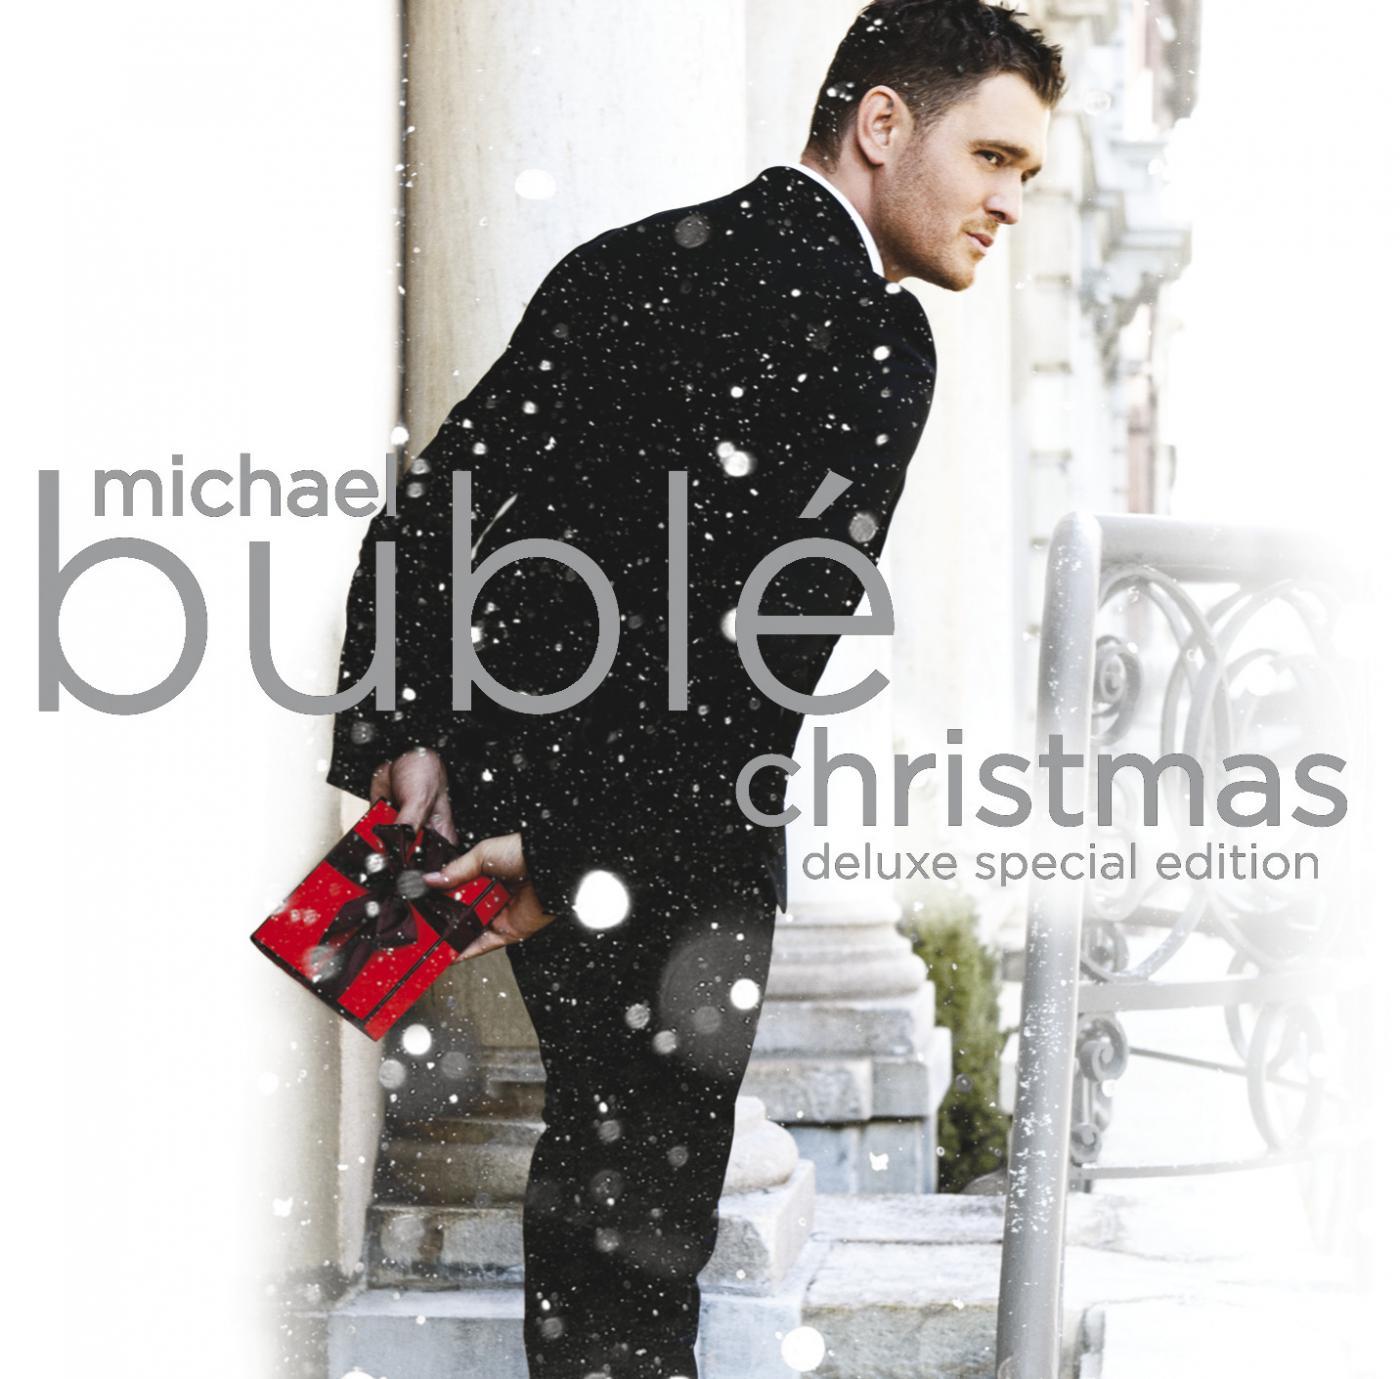 buble_jouludeluxe.jpg